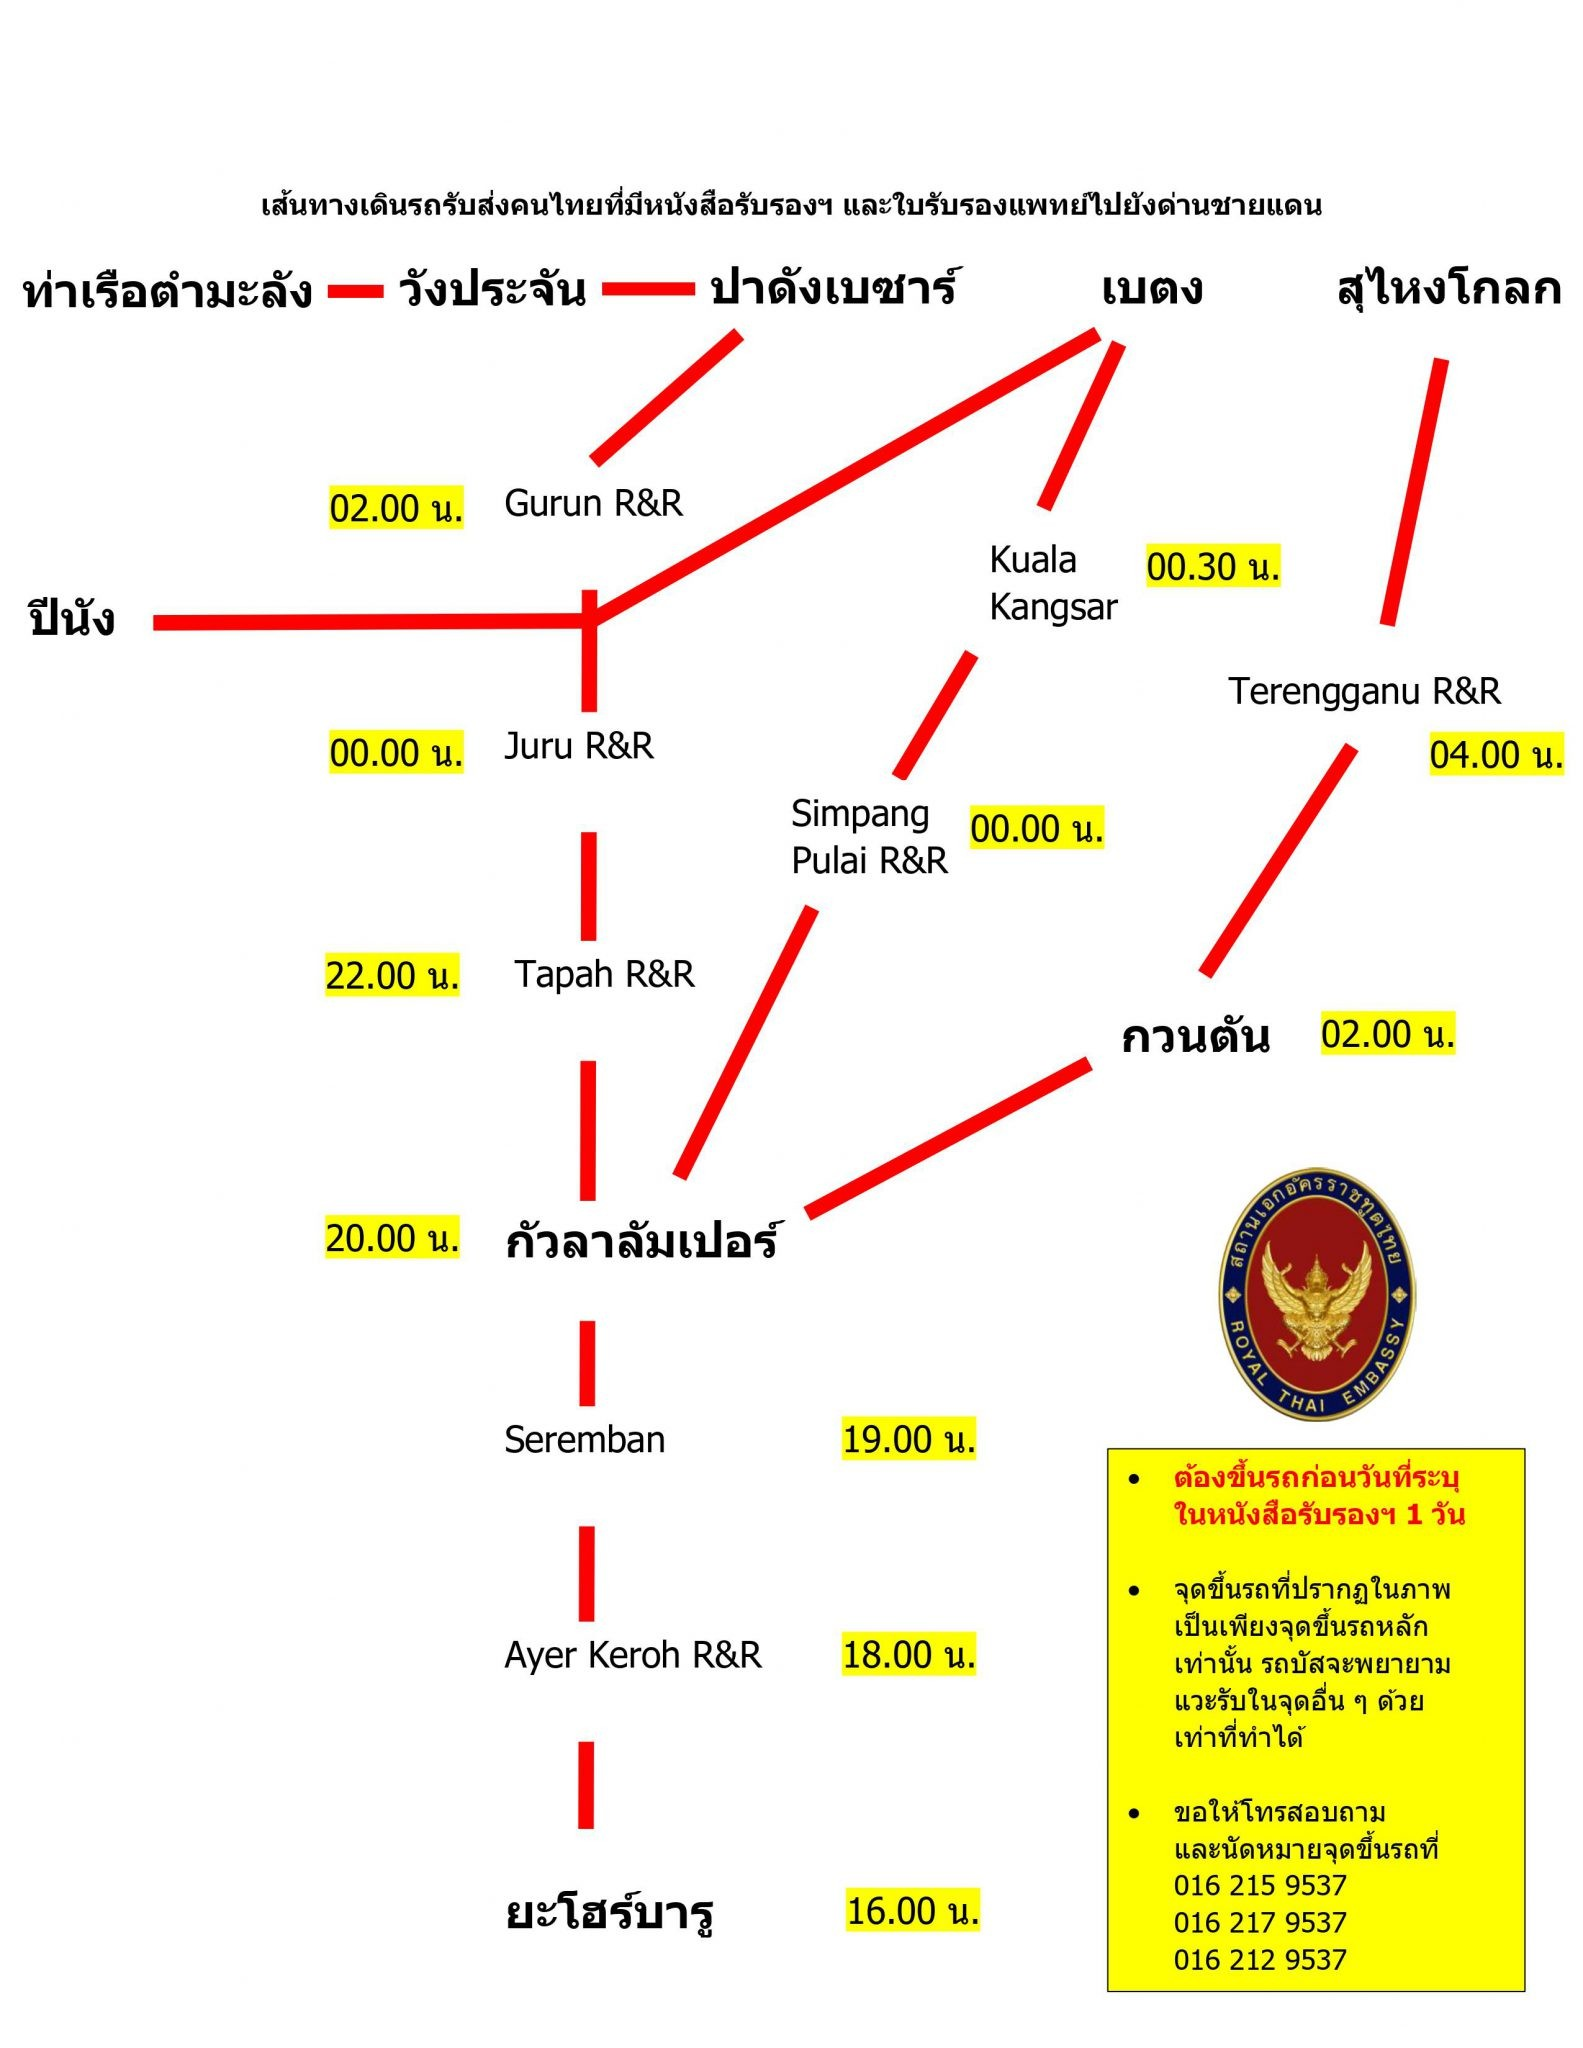 สถานเอกอัครราชทูตฯ จะยุติการให้บริการรถบัสกลับไทยด่านพรมแดนตั้งแต่วันที่ 13 ส.ค. เป็นต้นไป